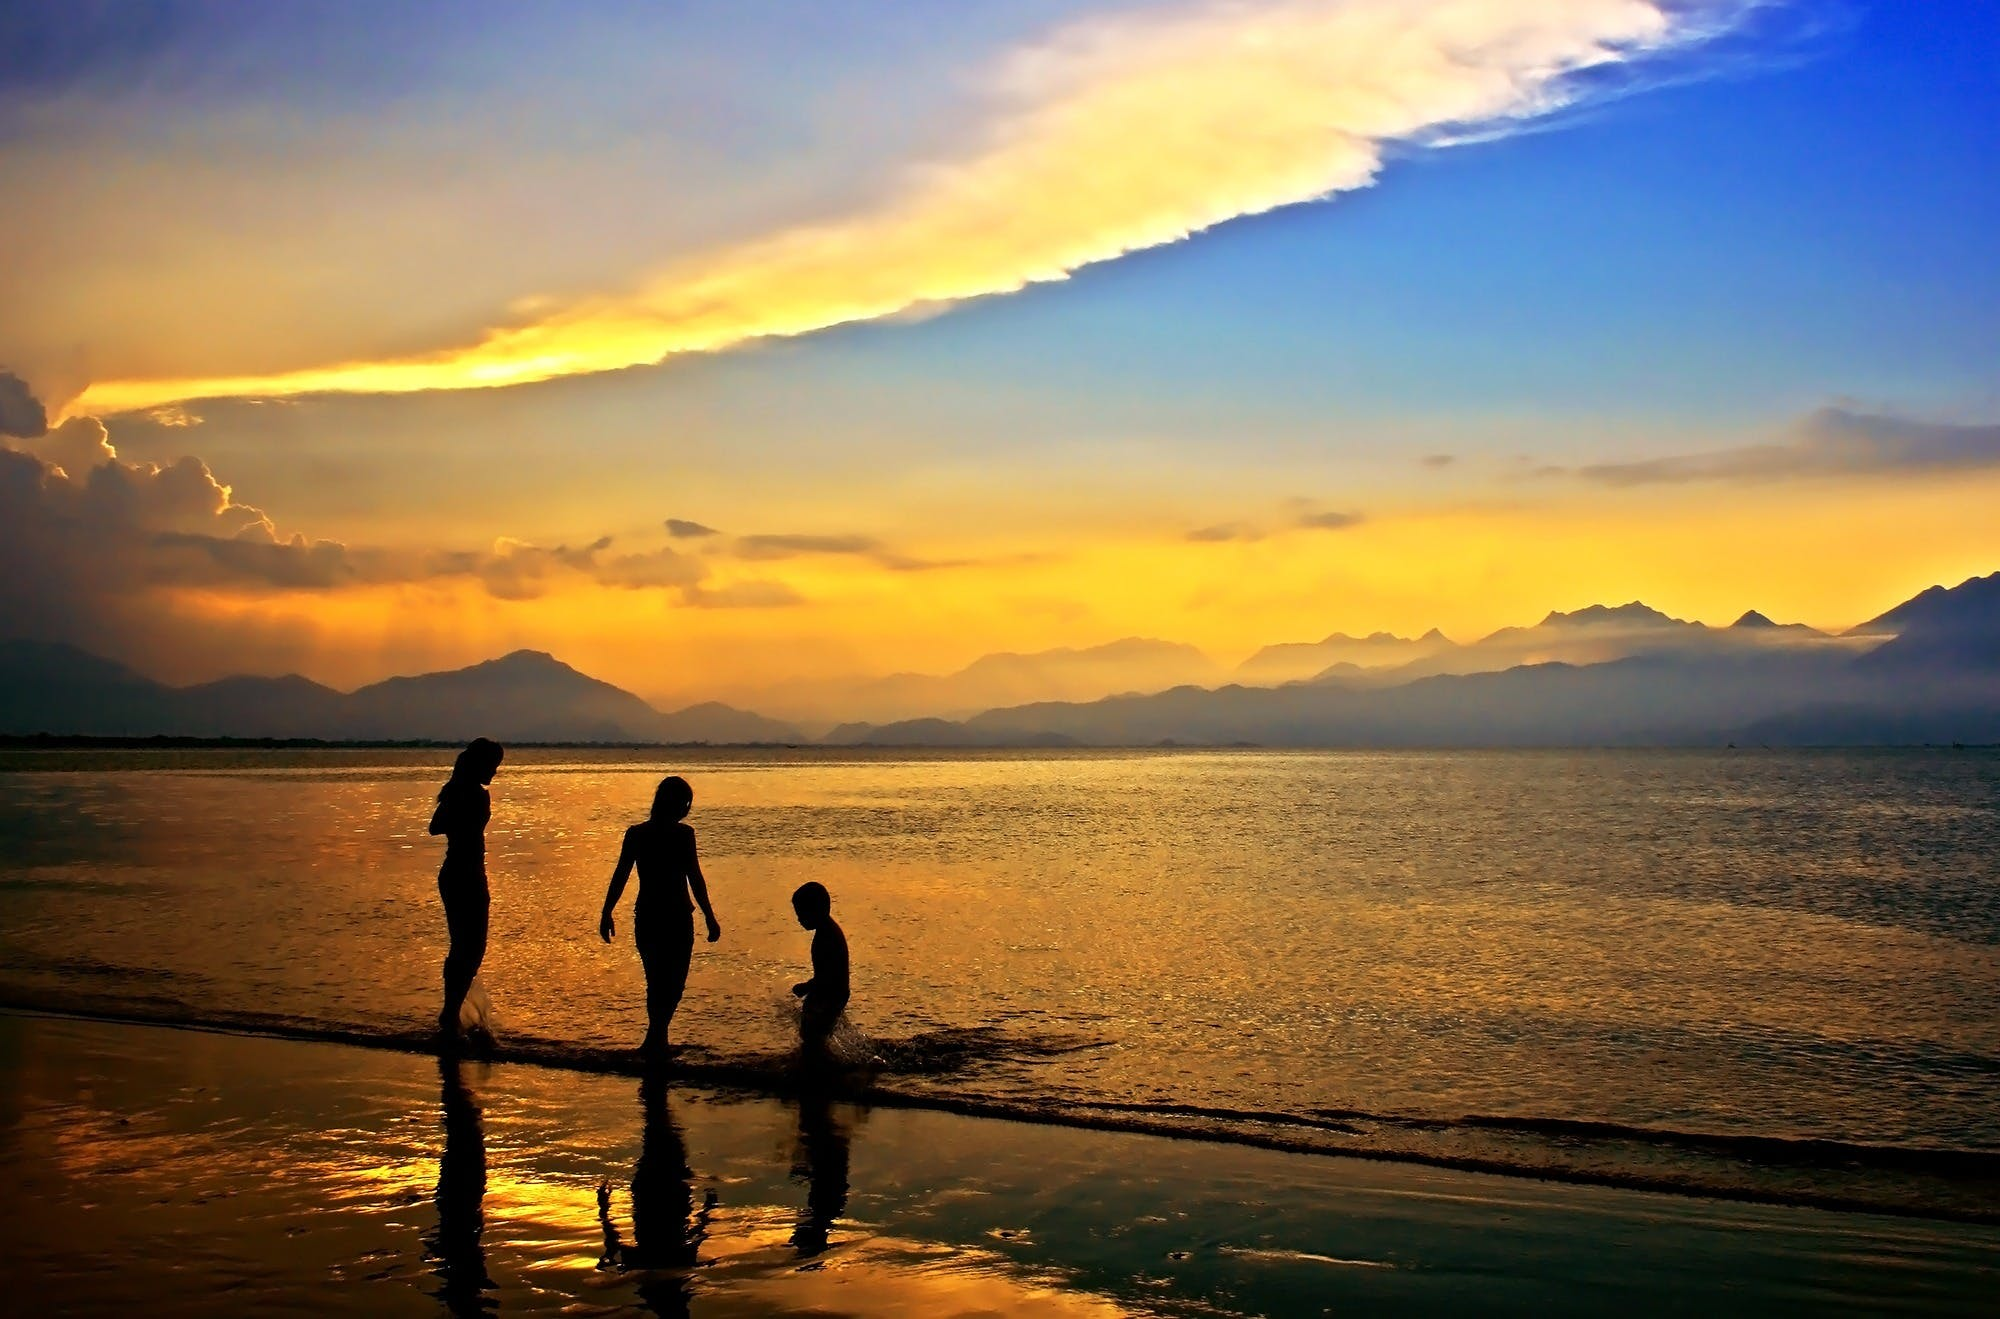 Δωρεάν στοκ φωτογραφιών με ακτή, Άνθρωποι, αυγή, βουνά